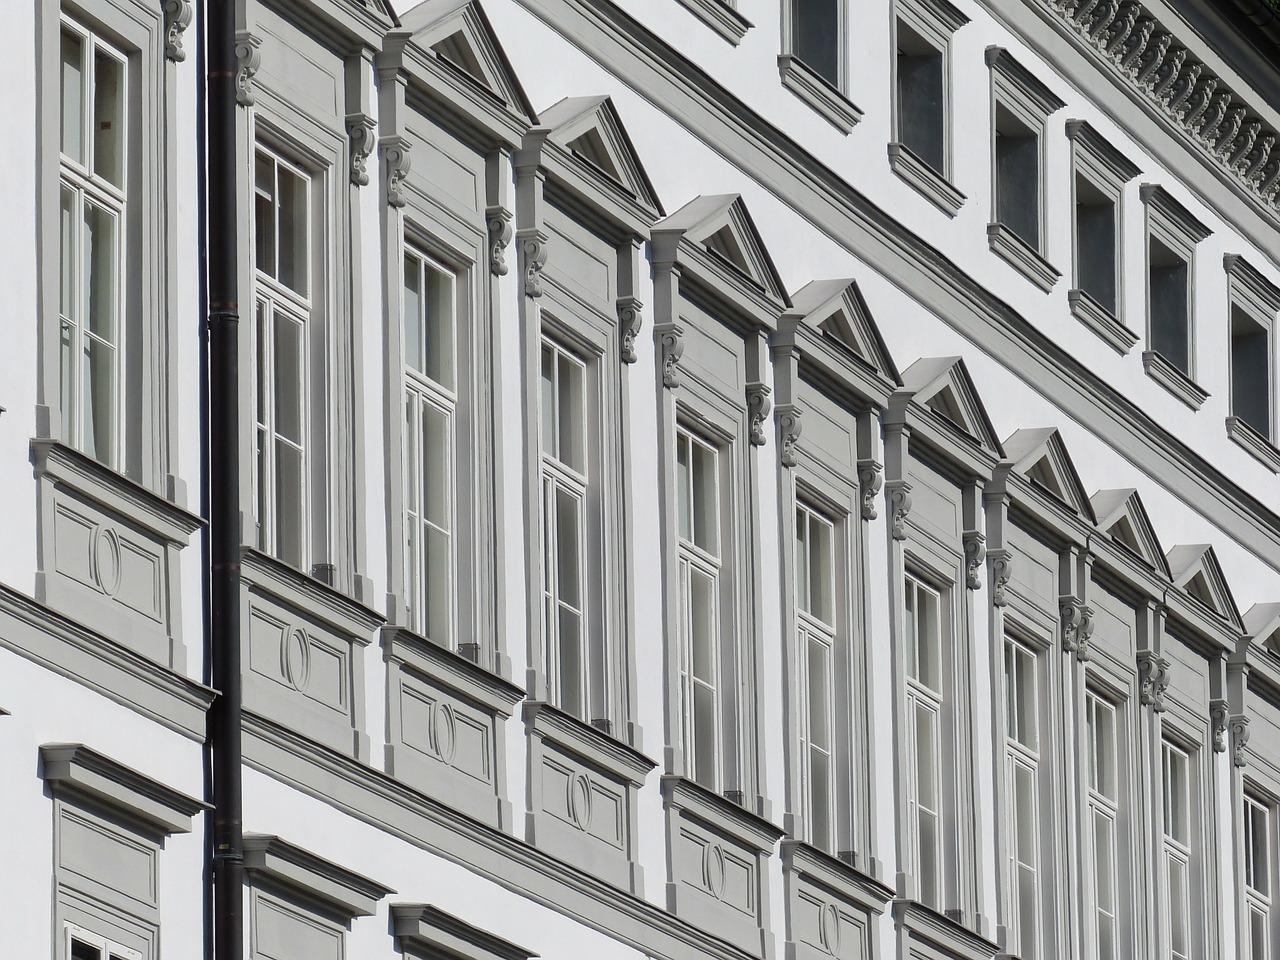 В самом центре Владивостока напротив здания мэрии штукатурка падает на головы прохожих